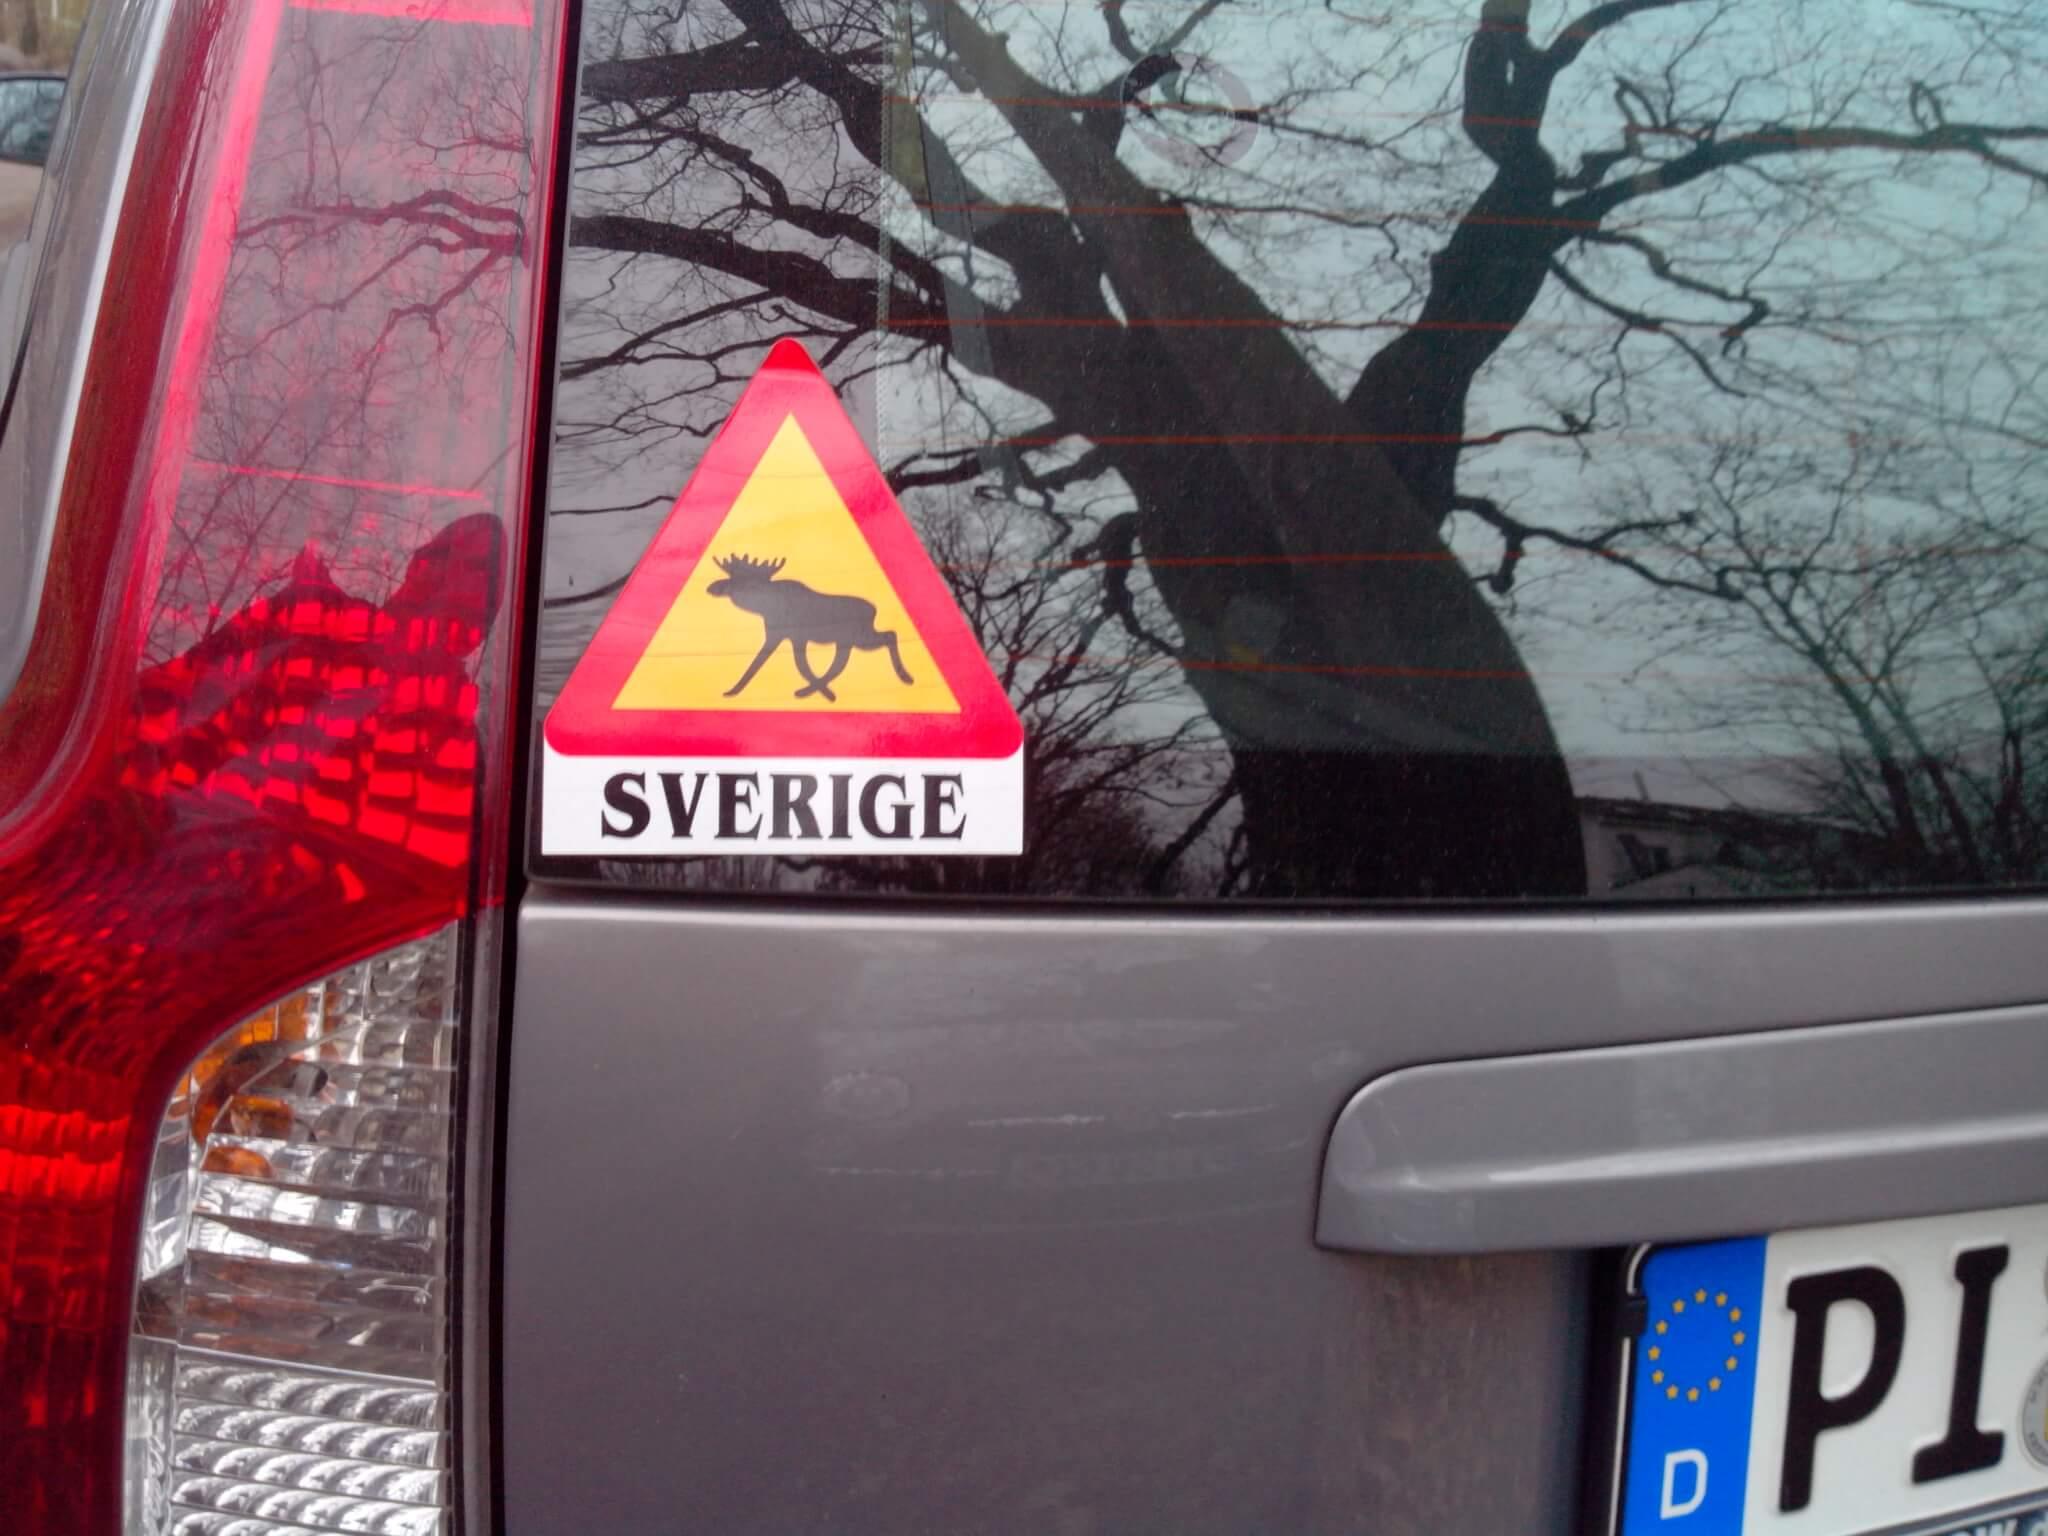 Ein schwedischer Elch Aufkleber